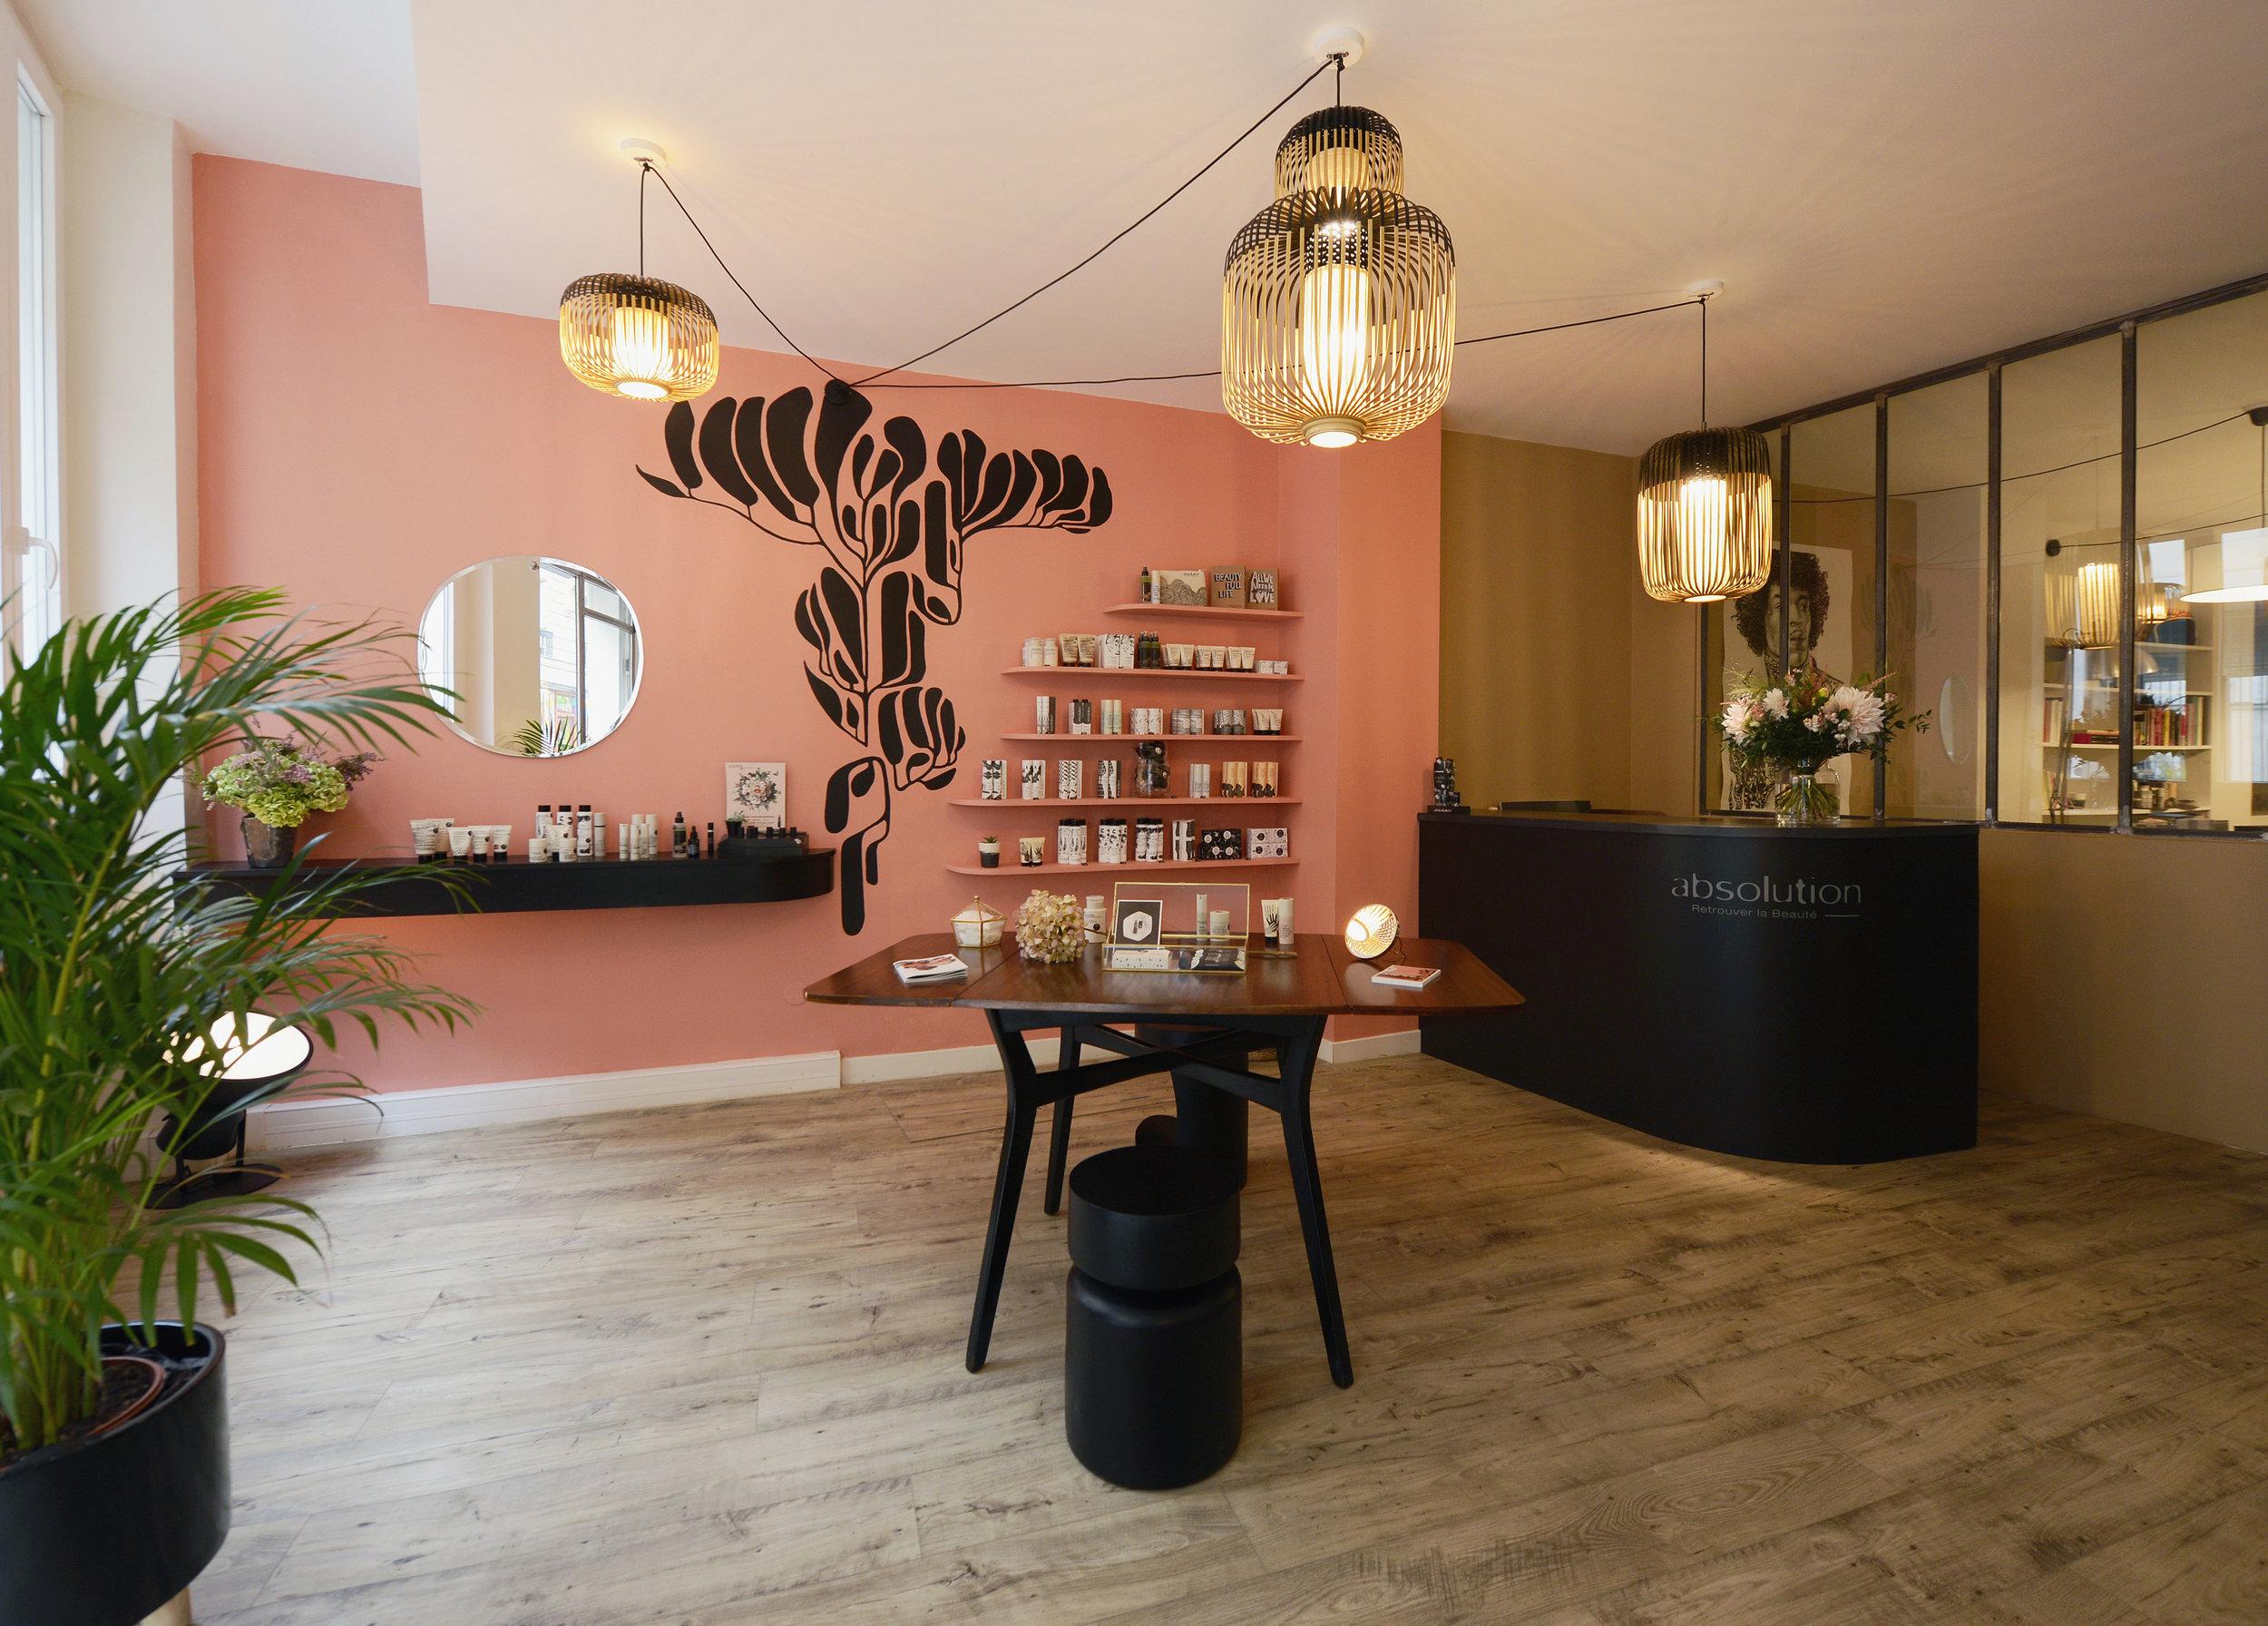 boutique-absolution-paris-blog-beaute-soin.jpg